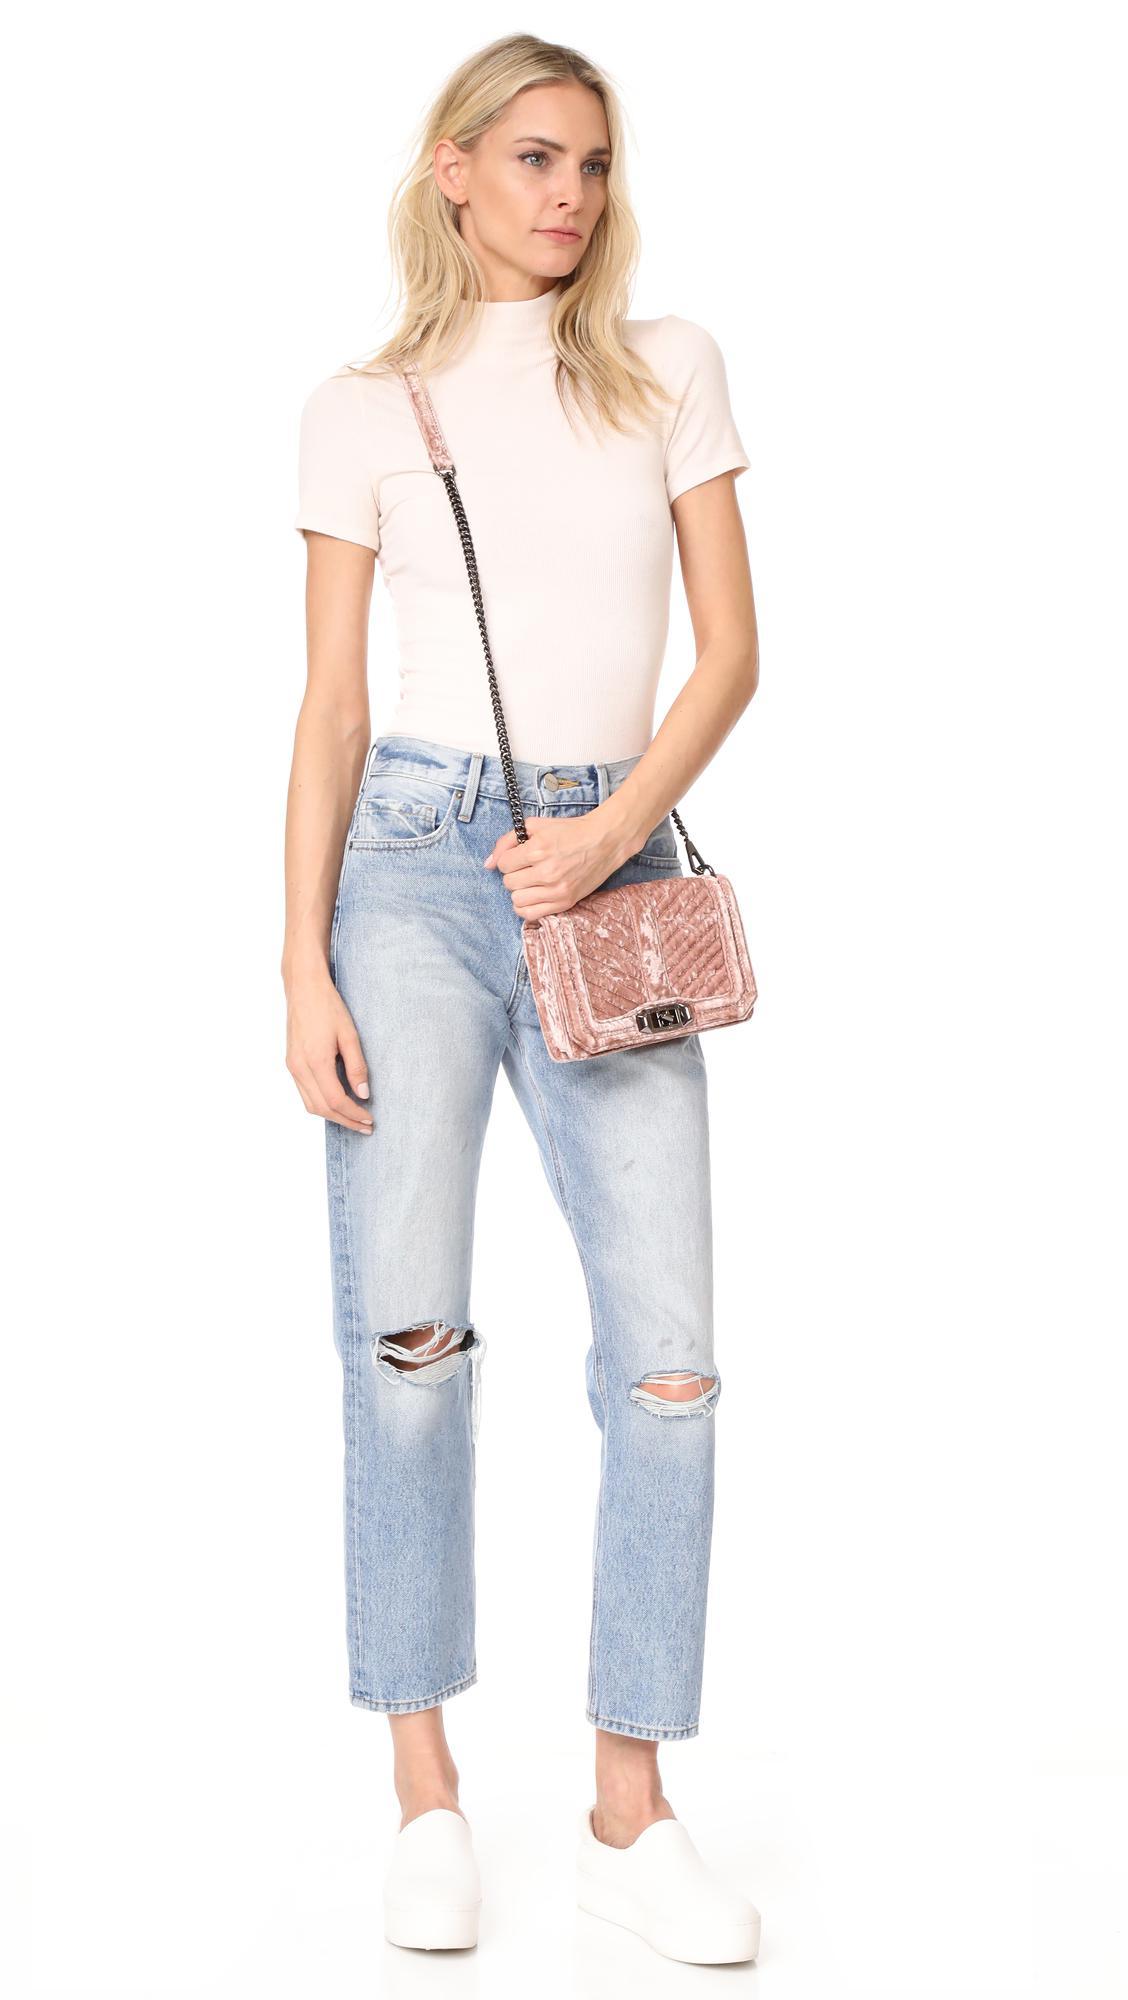 Rebecca Minkoff Velvet Chevron Quilted Small Love Cross Body Bag